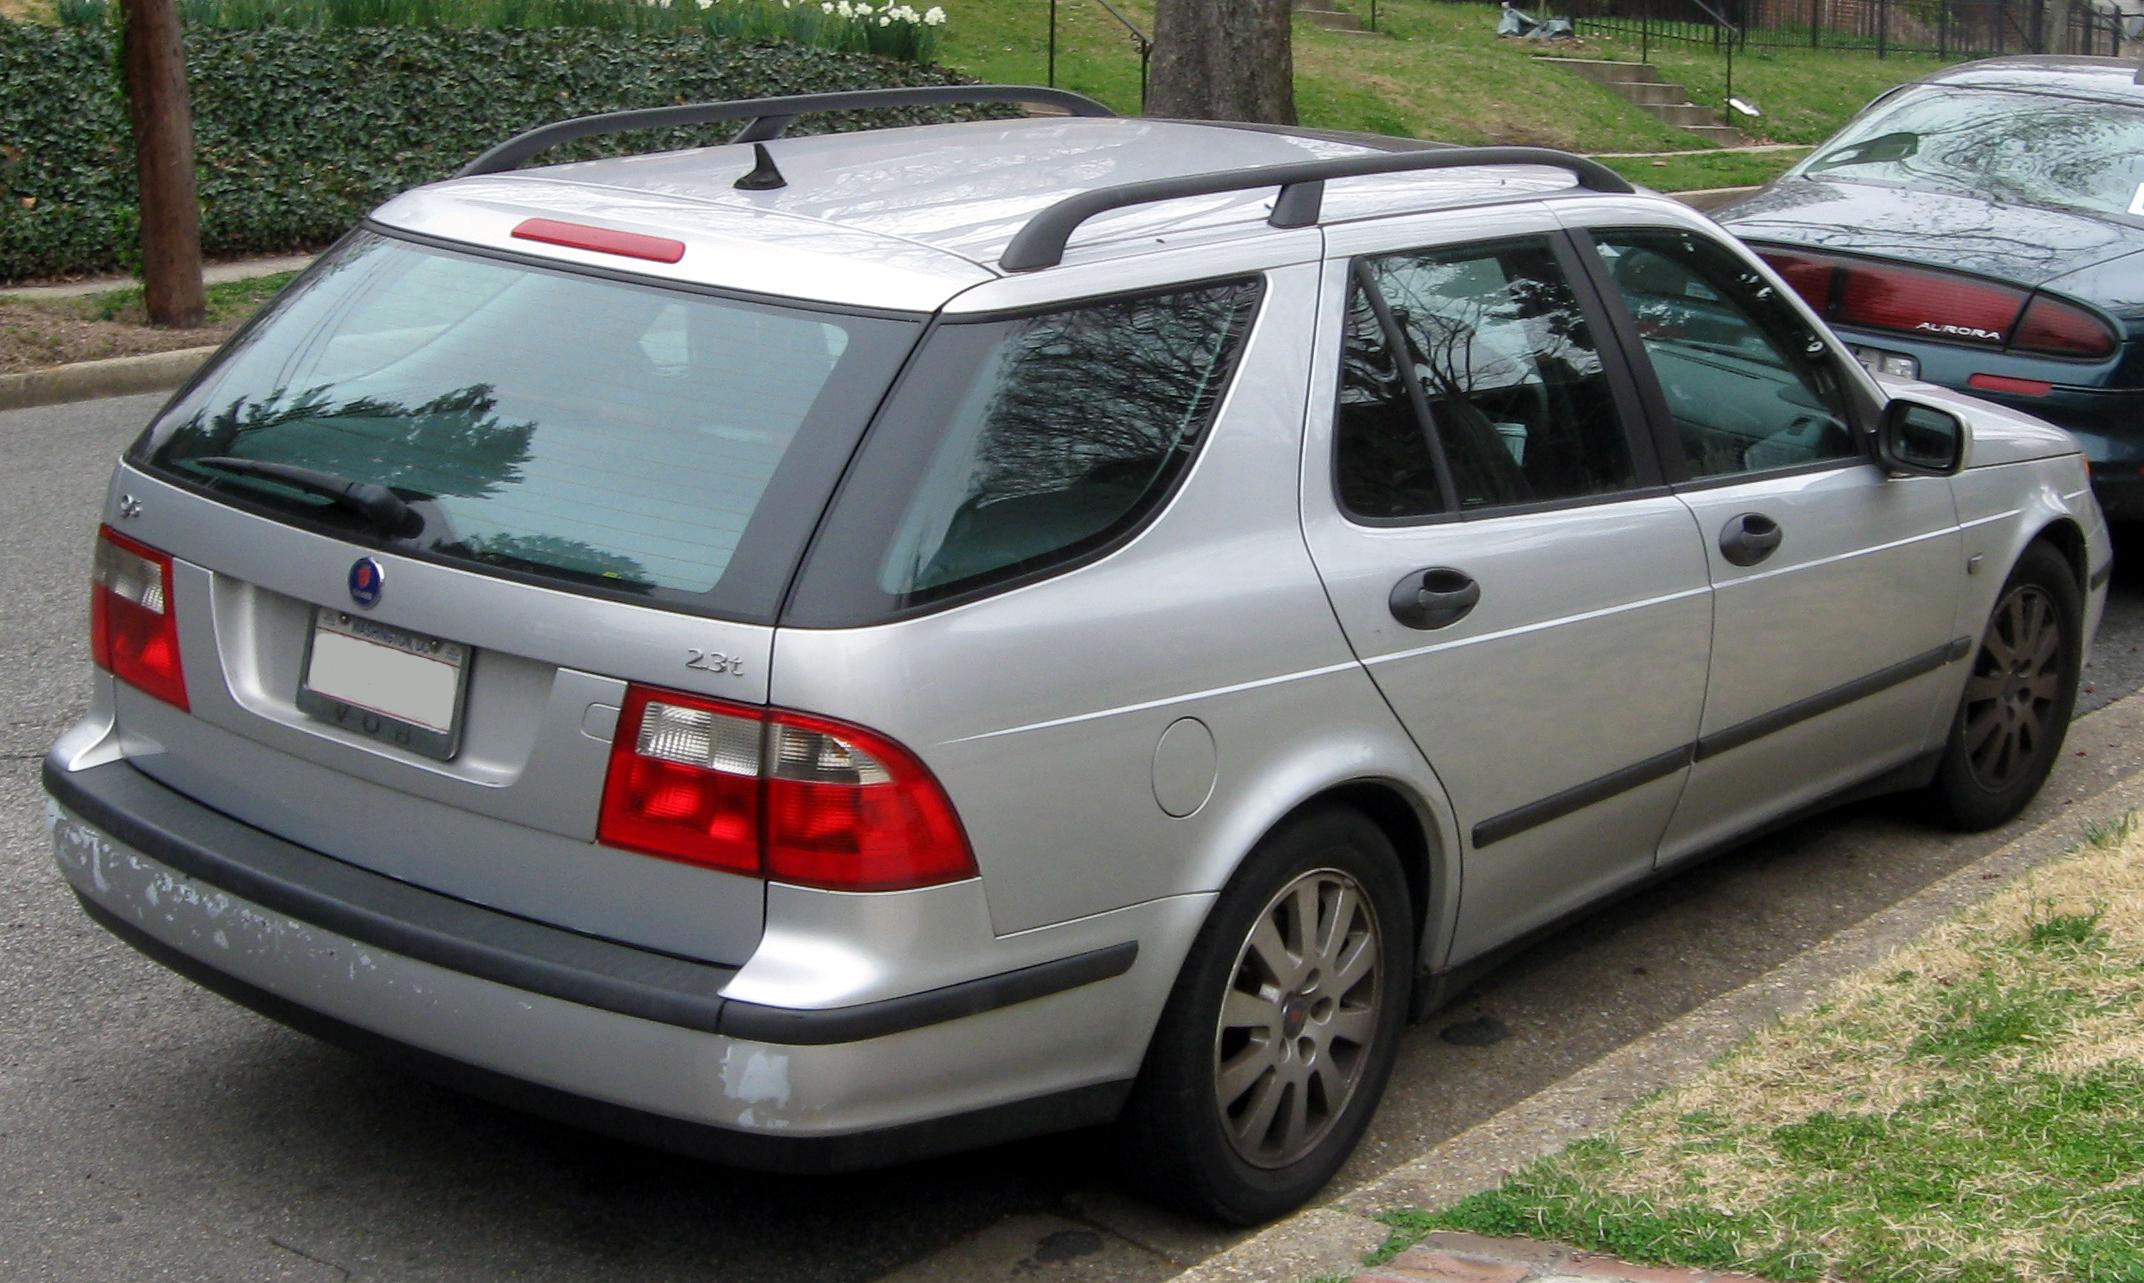 File2002 2005 Saab 9 5 23t Wagon 03 16 2012JPG